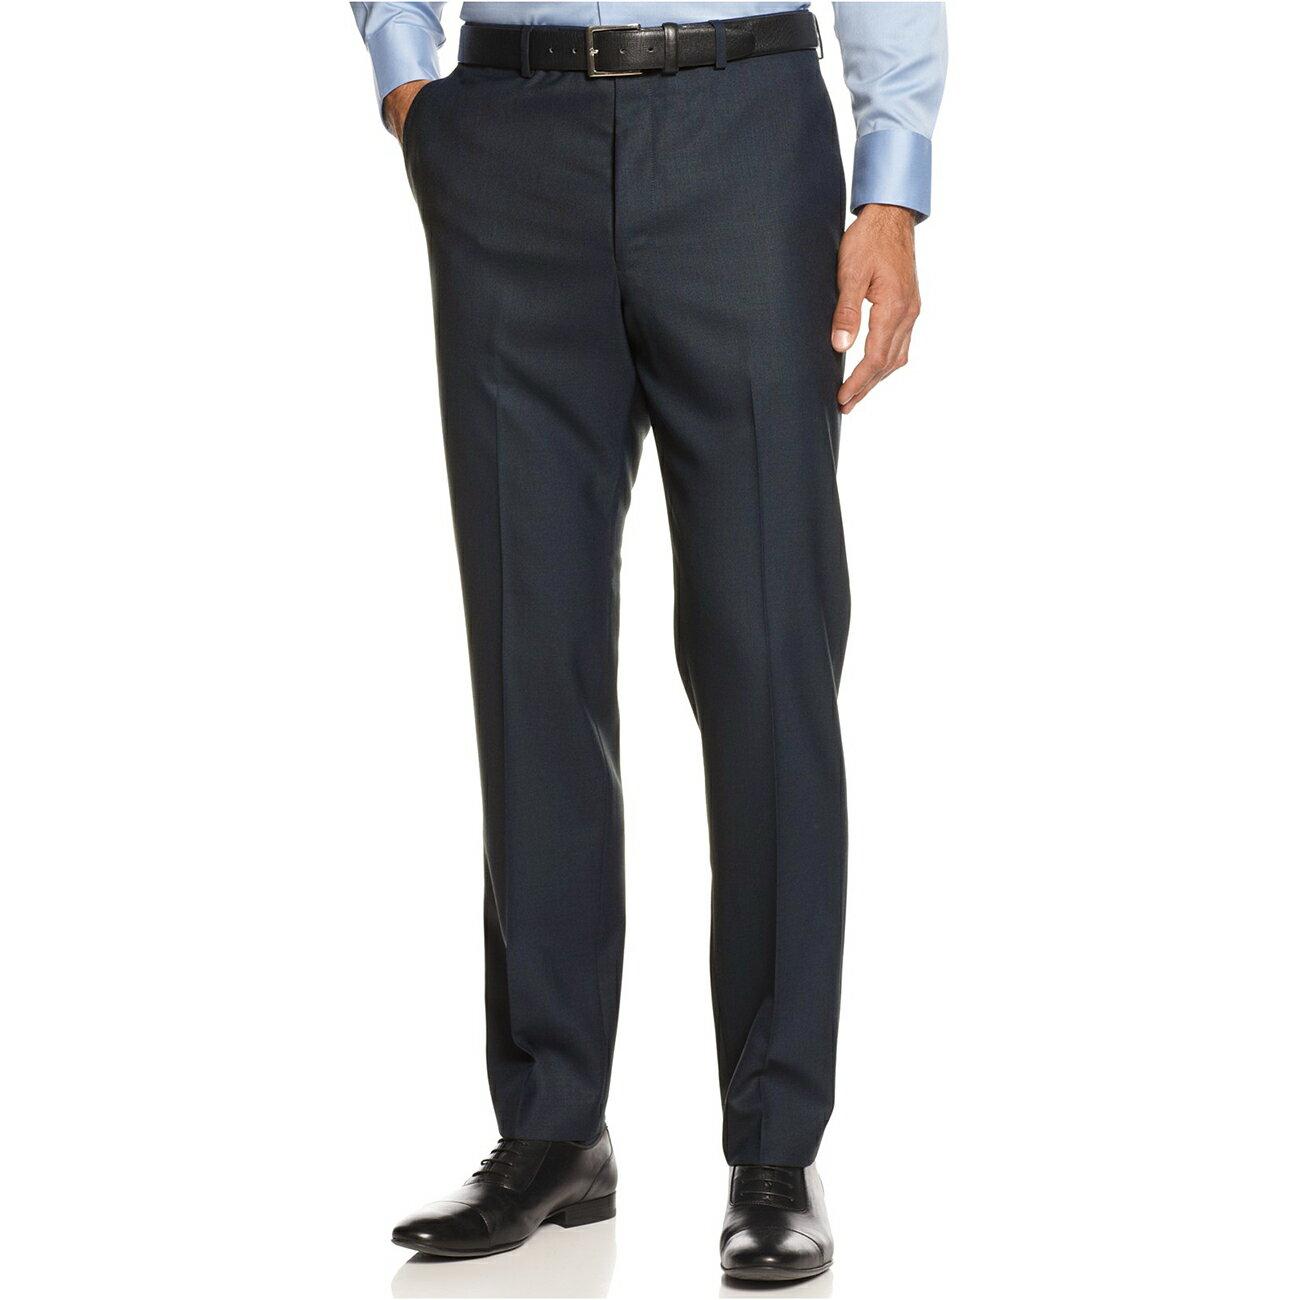 美國百分百【Calvin Klein】長褲 CK 西裝褲 直筒褲 休閒褲 上班 合身 窄版 格紋 深藍 31腰 E805